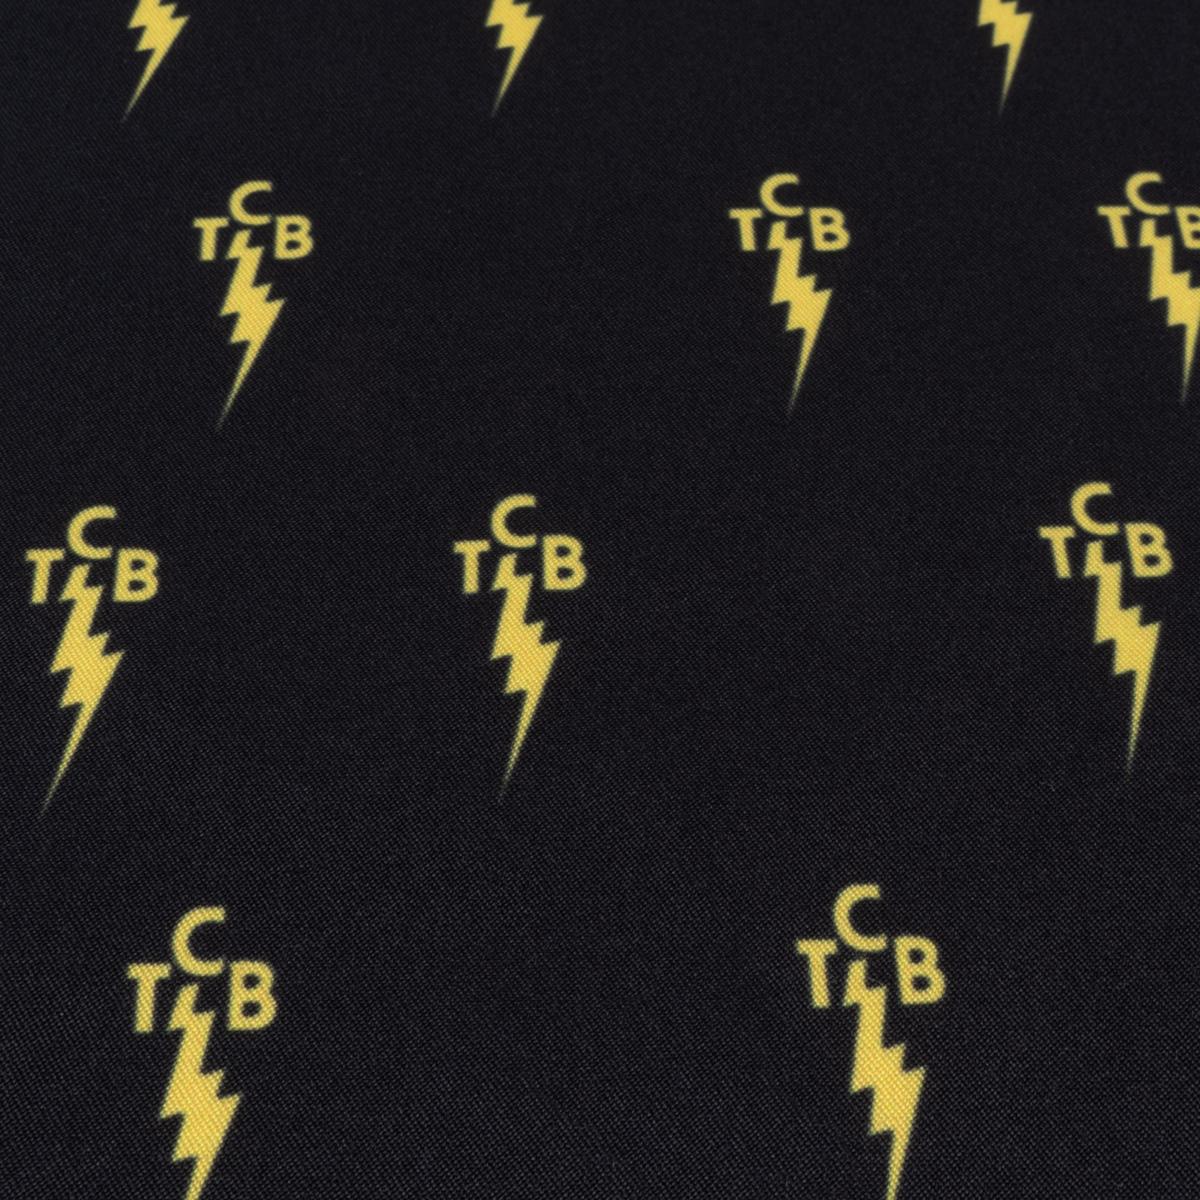 TCB Board Shorts